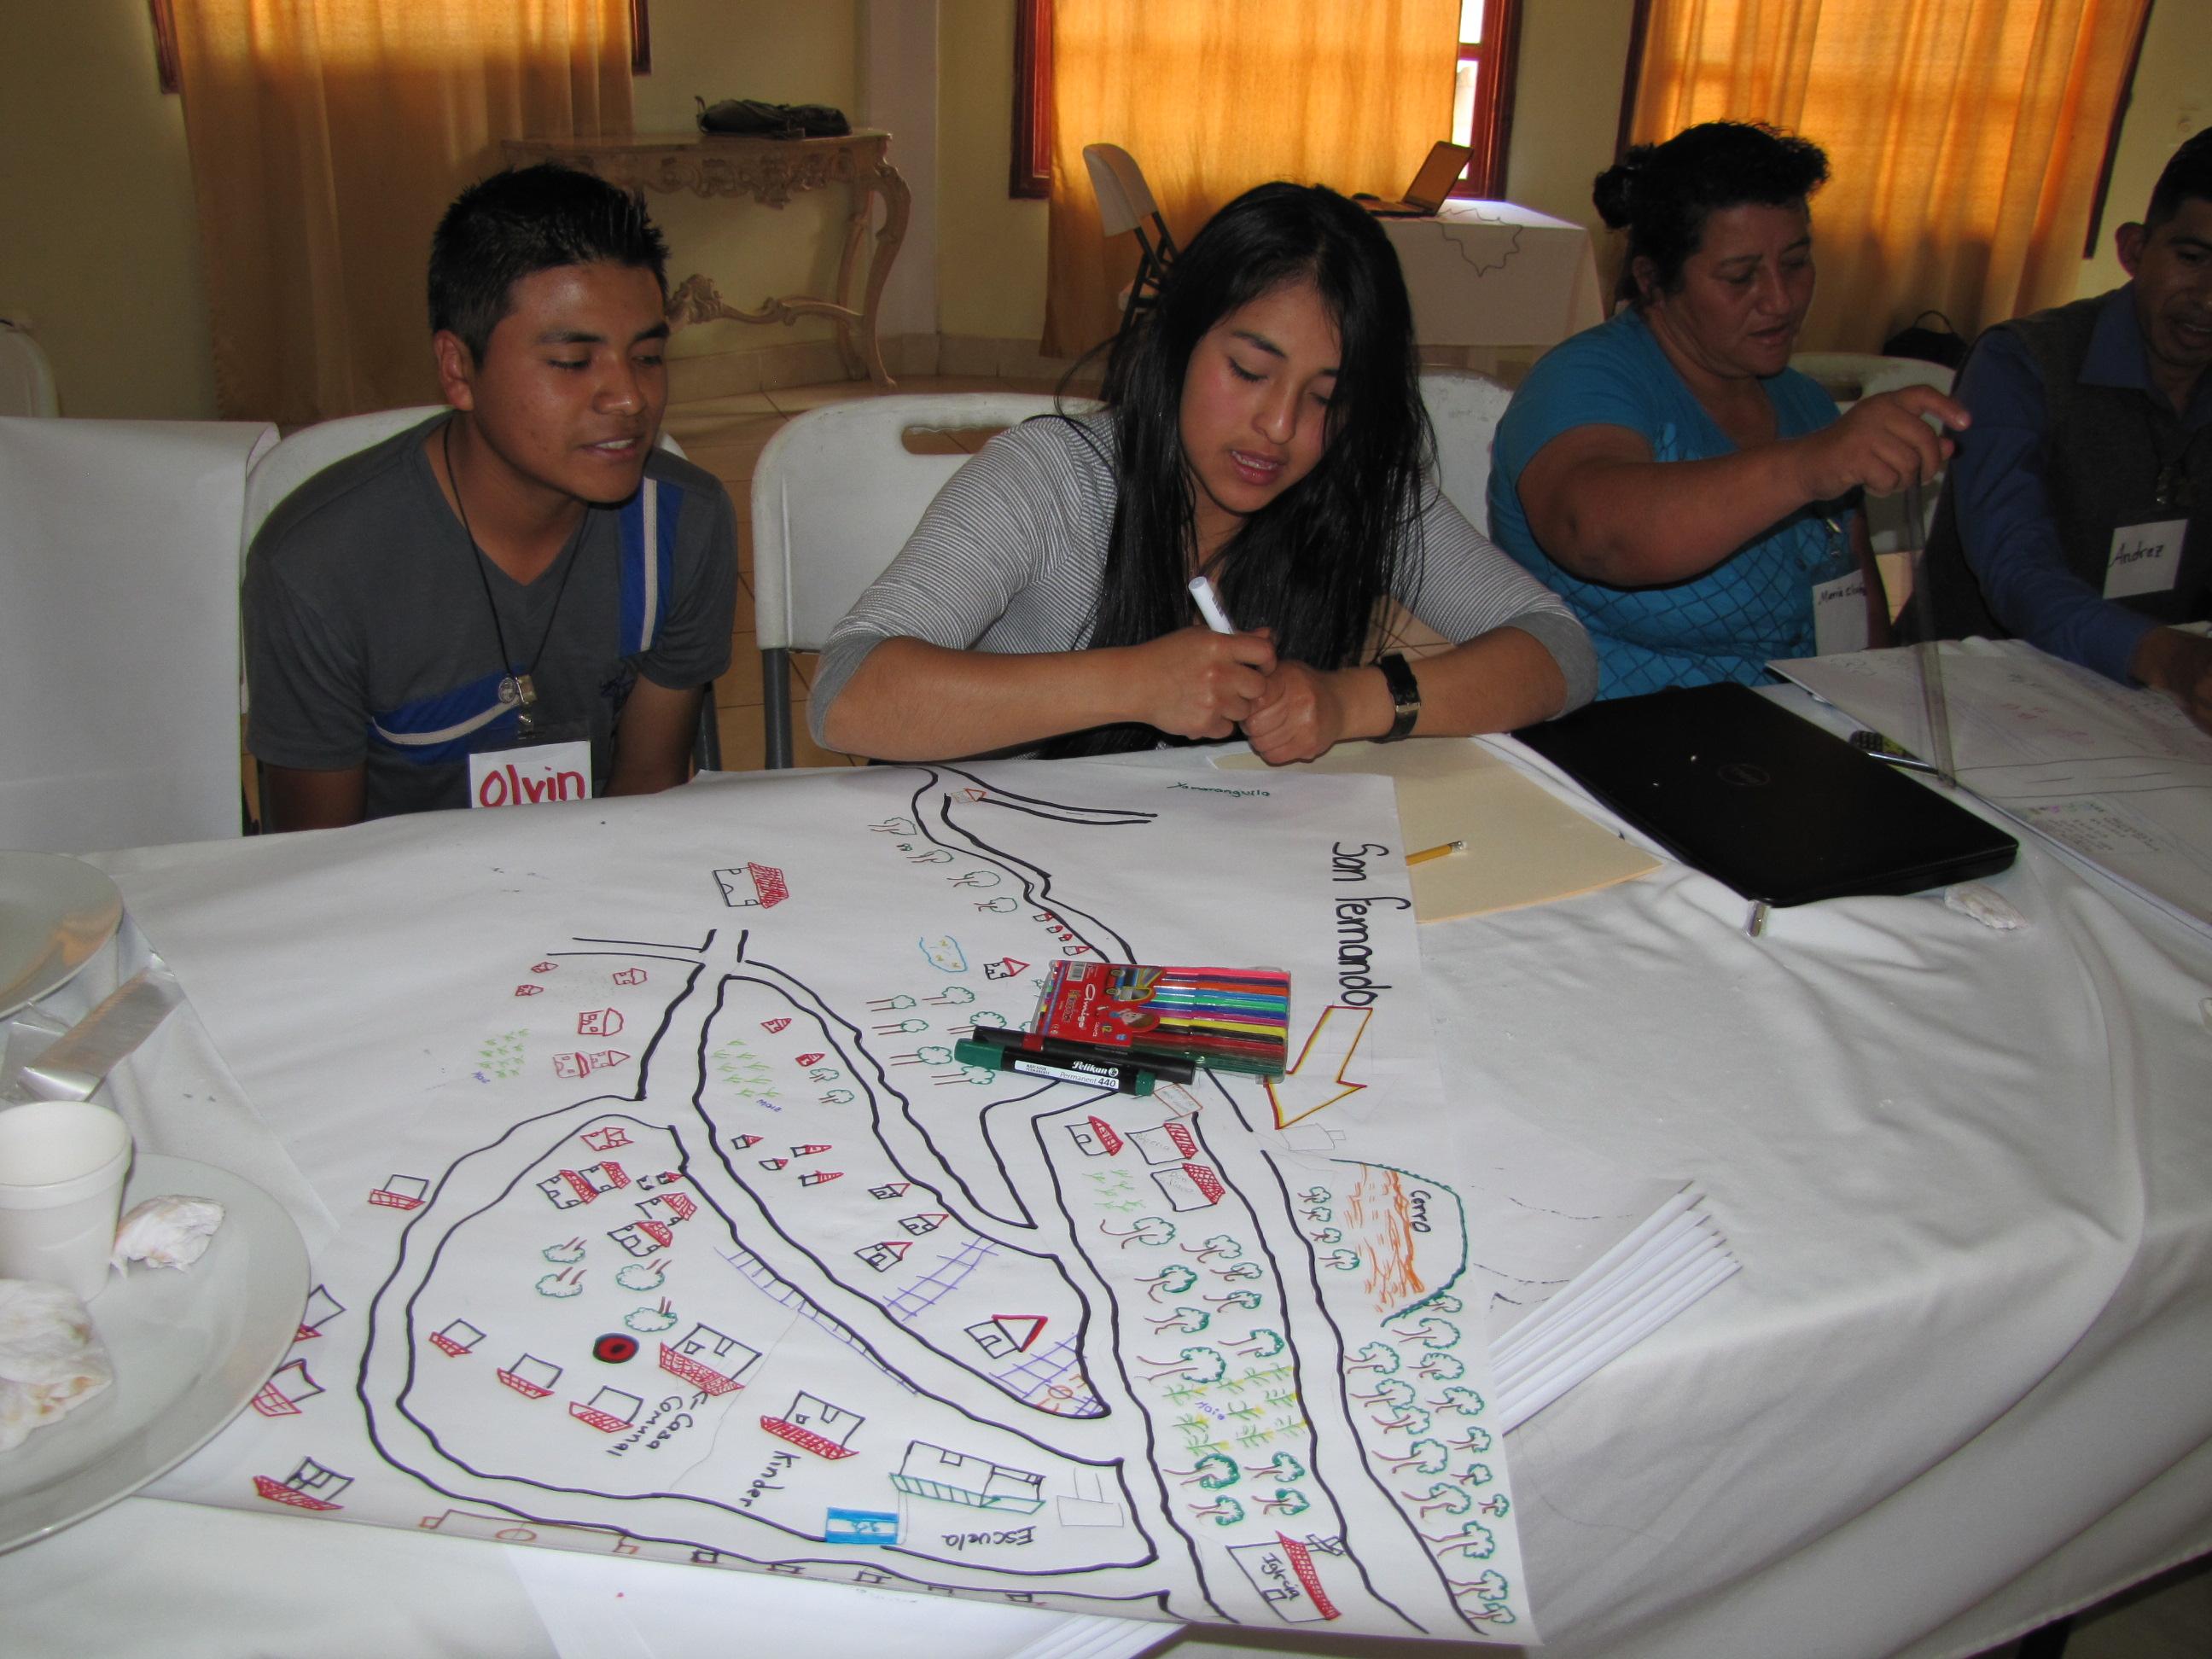 La intervención tuvo como objetivo generar oportunidades para desincentivar la emigración entre los jóvenes vulnerables